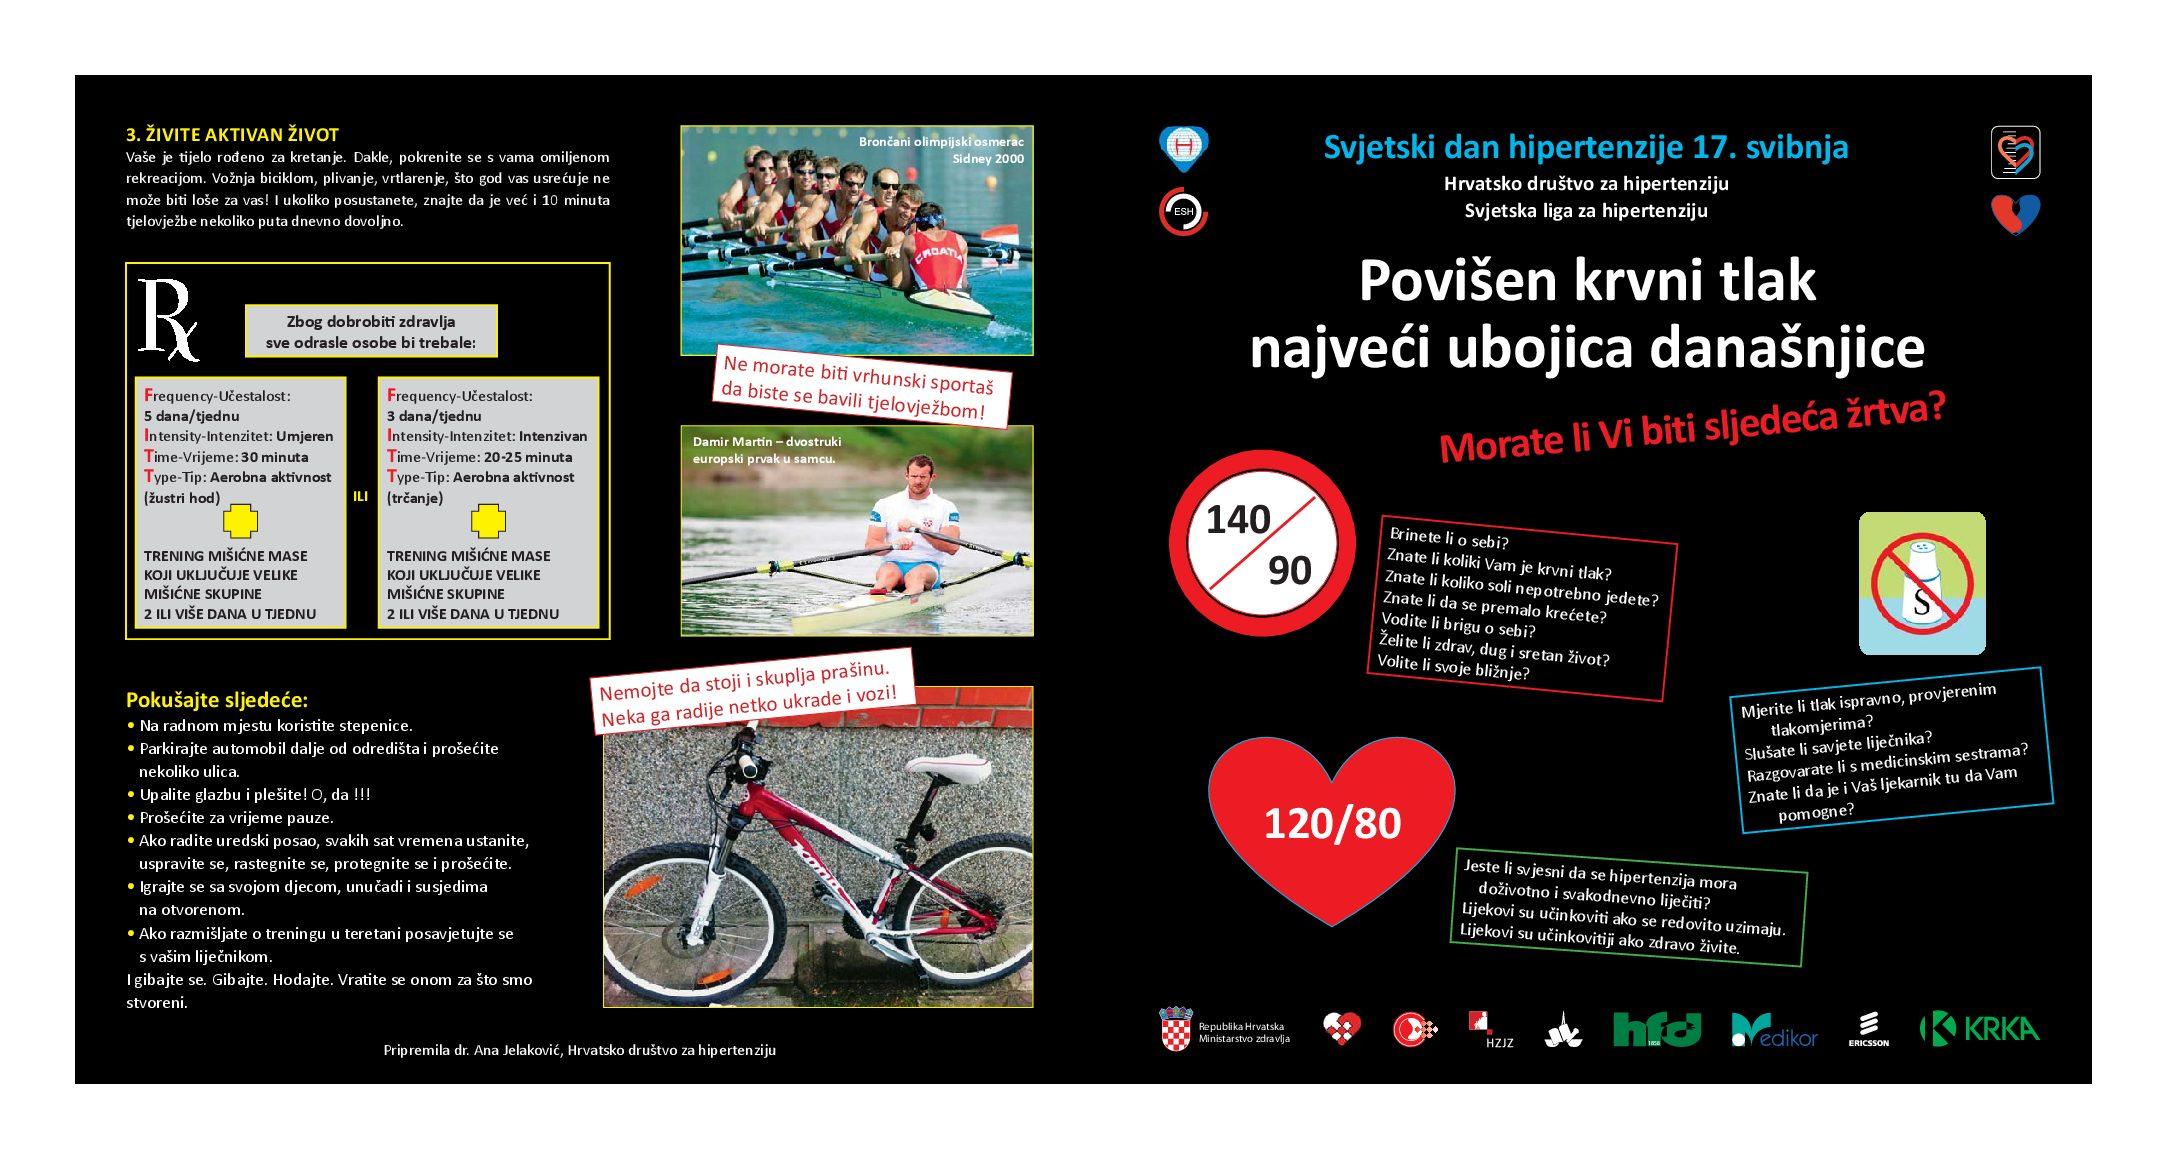 Tjelovježba može pomoći u snižavanju povišenog krvnog tlaka / Vijesti - symposium-h2o.com